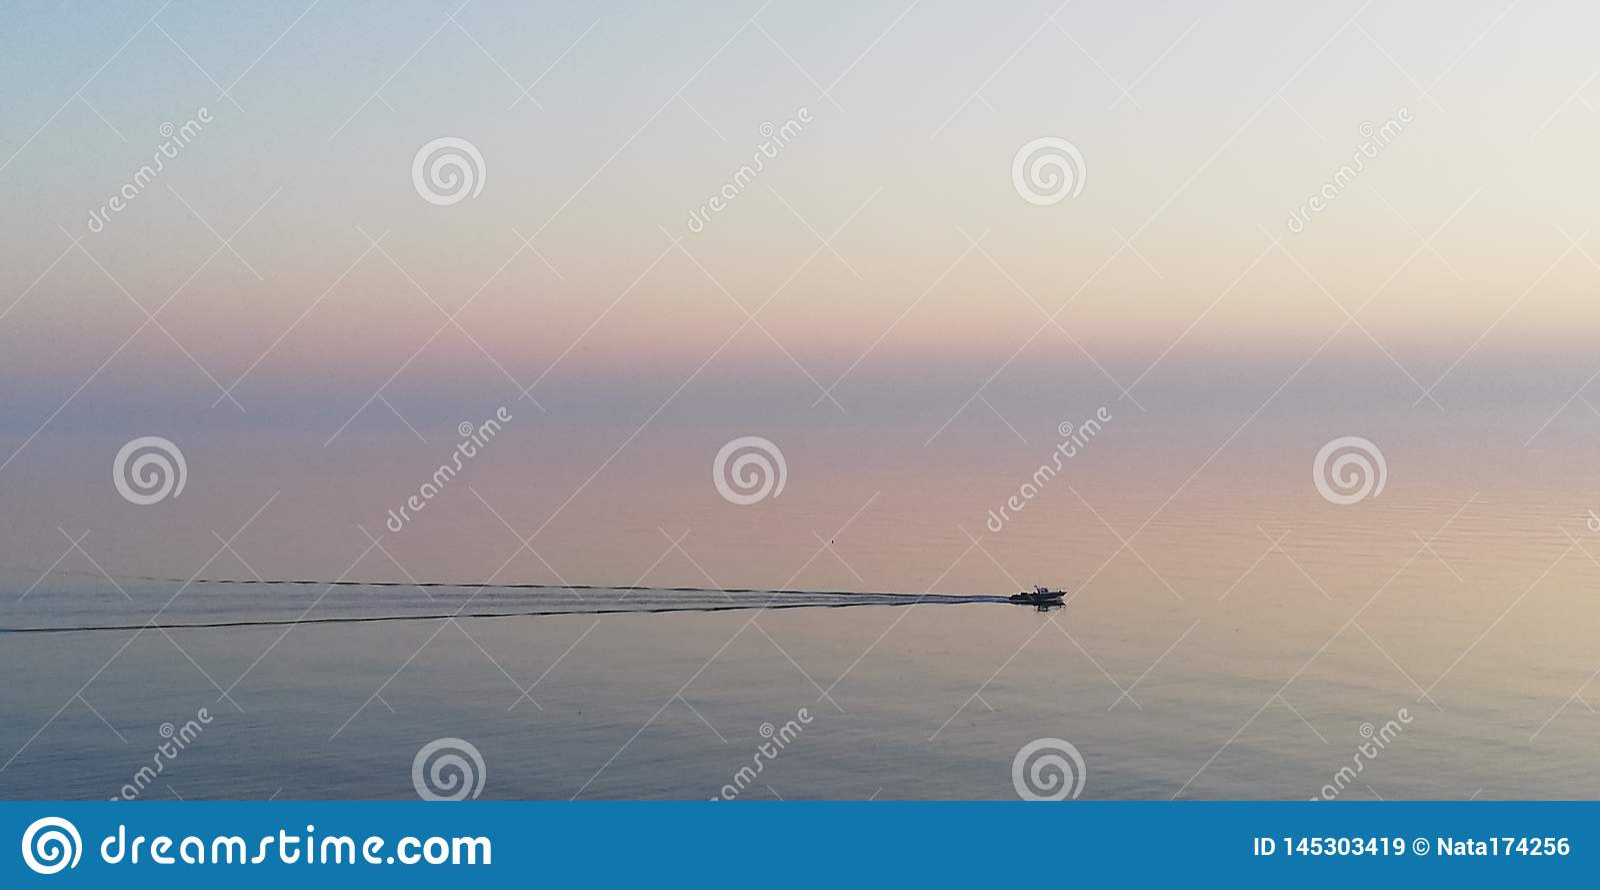 Fondo Soledad filosófica contemplativa contra el contexto de una puesta del sol mística del mar